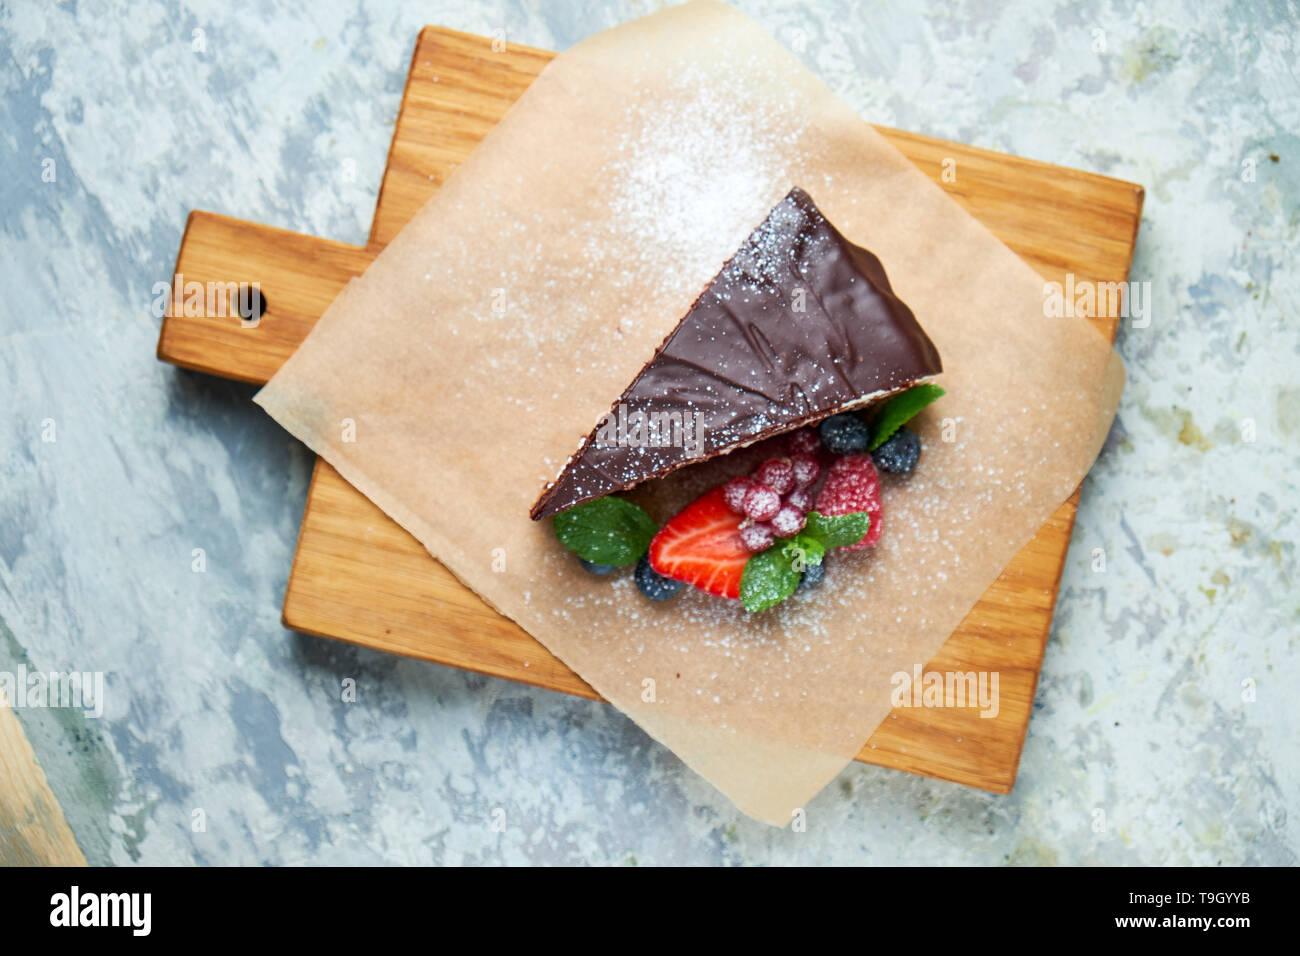 Une tranche de gâteau au chocolat décoré de petits fruits sur une planche de bois. Fond texturé gris. Beaux plats de service. Le Dessert. La chaîne alimentaire Banque D'Images